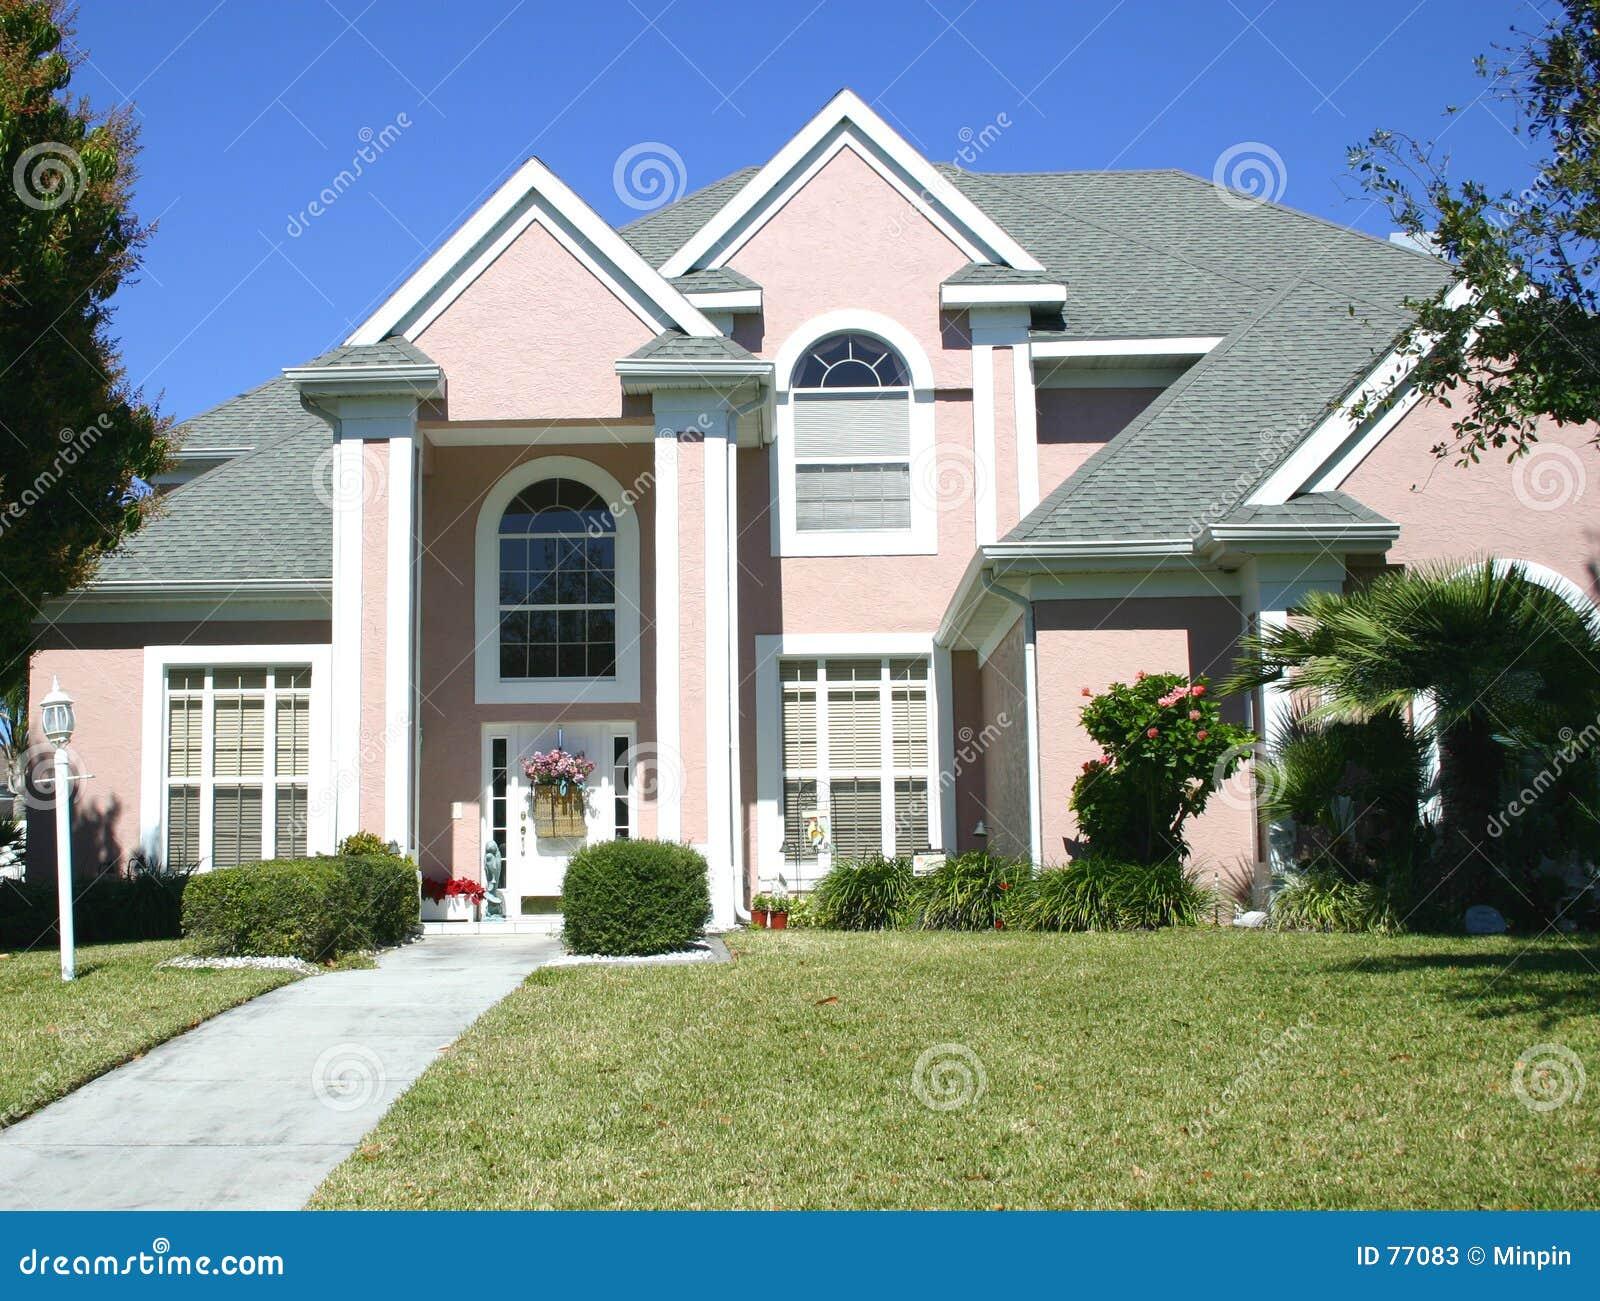 Maison à pignon rose